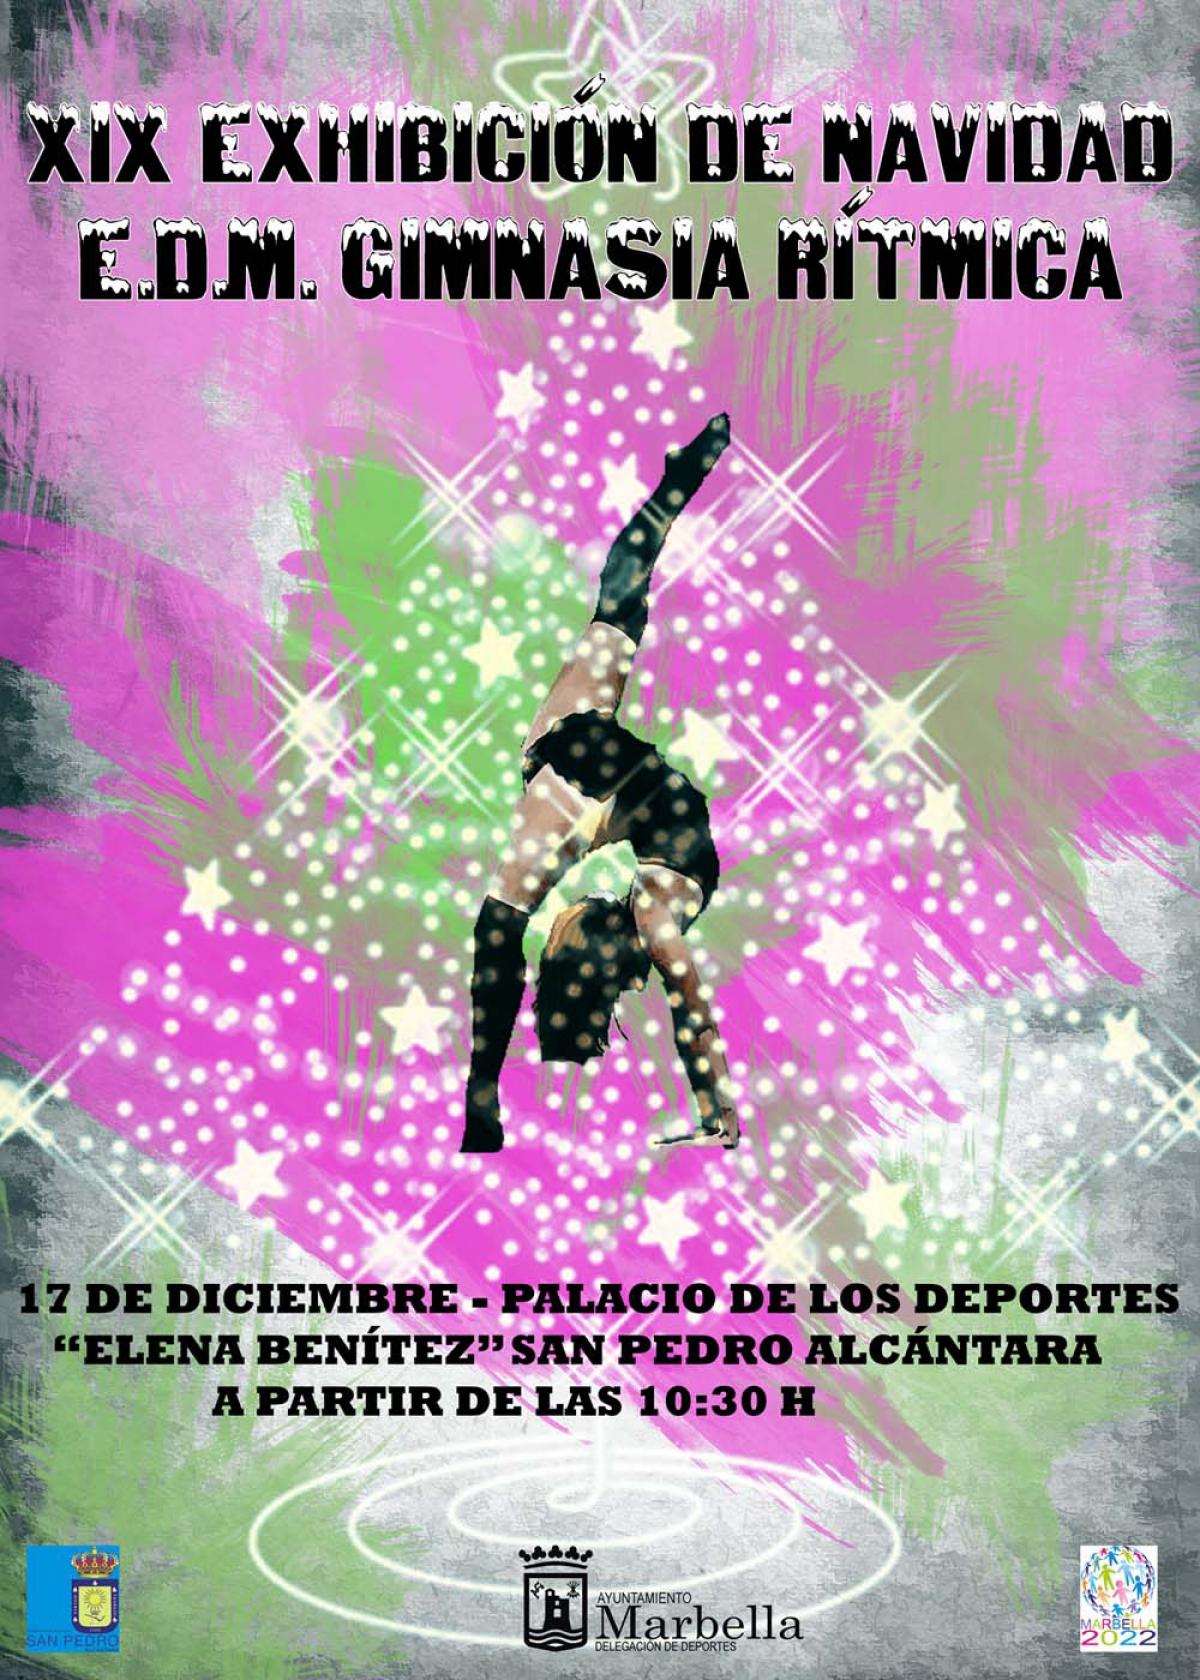 El Palacio de Deportes Elena Benítez de San Pedro Alcántara acoge este sábado la XIX Exhibición de Navidad de Gimnasia Rítmica